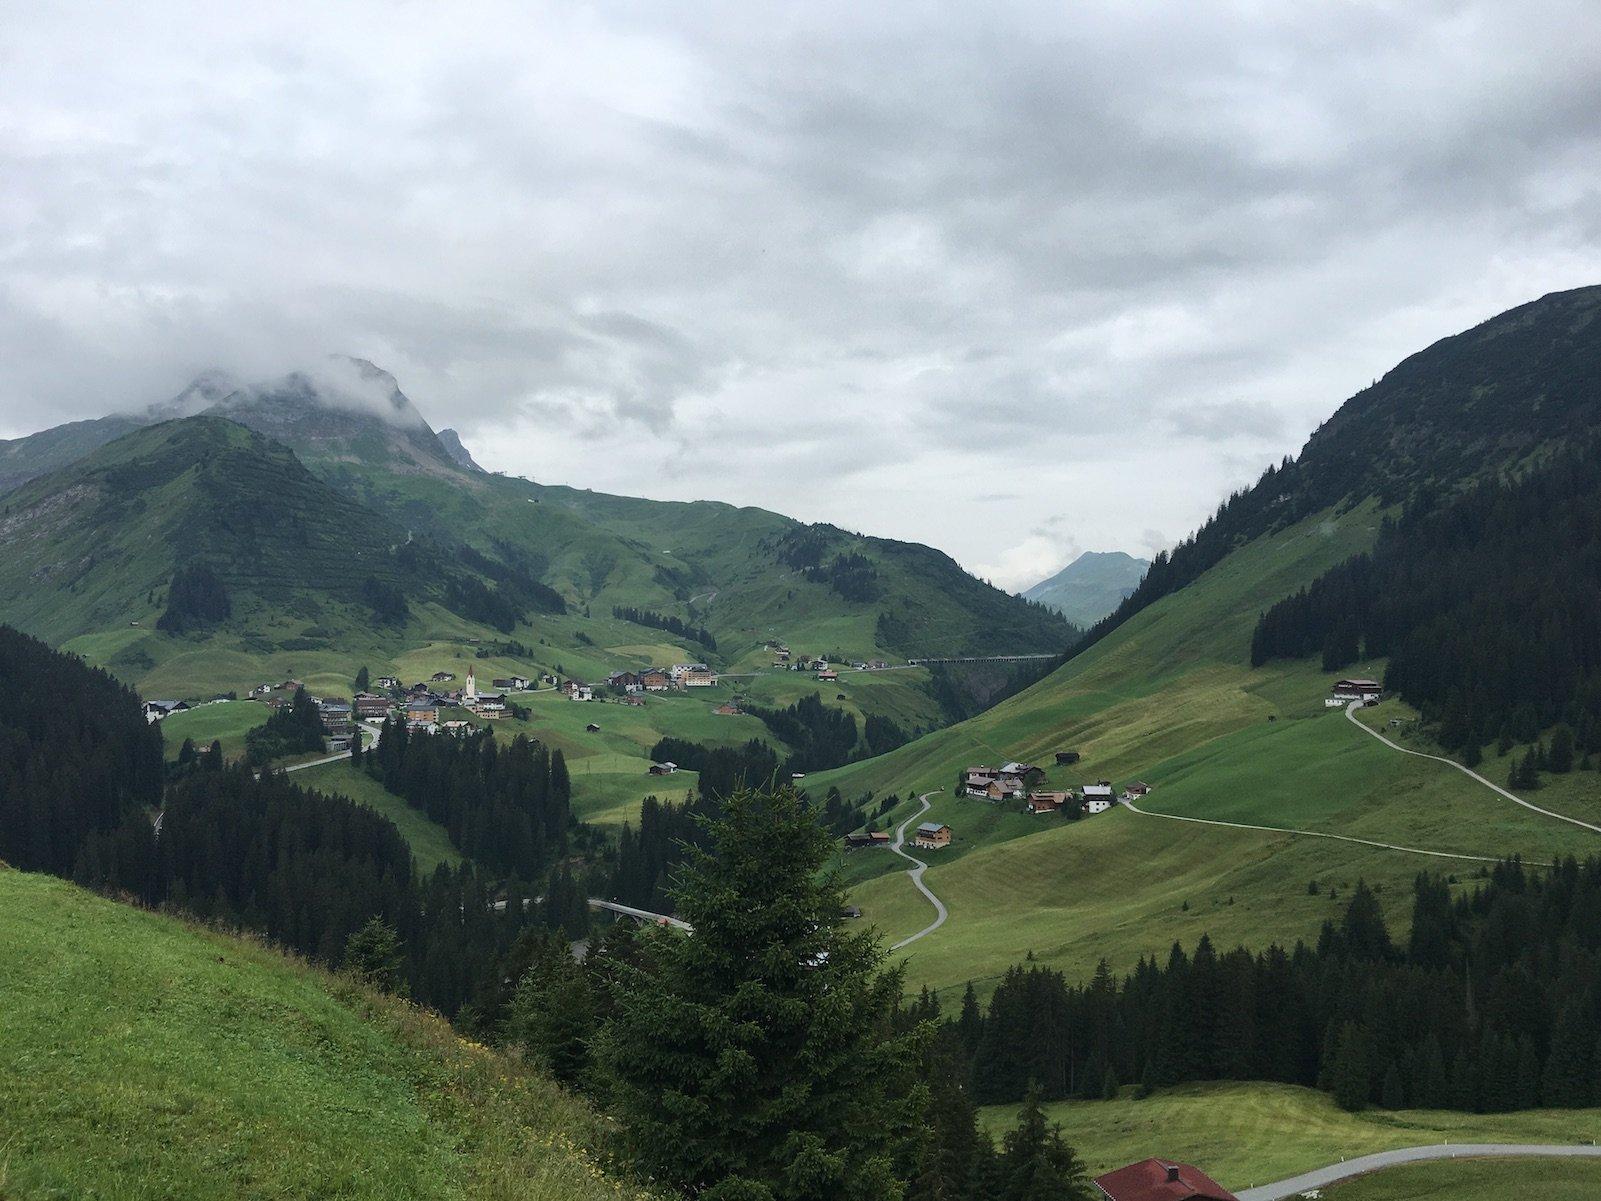 Ausblick auf der 3. Etappe des Lechwegs kurz nach Lechleiten auf dem Lechweg